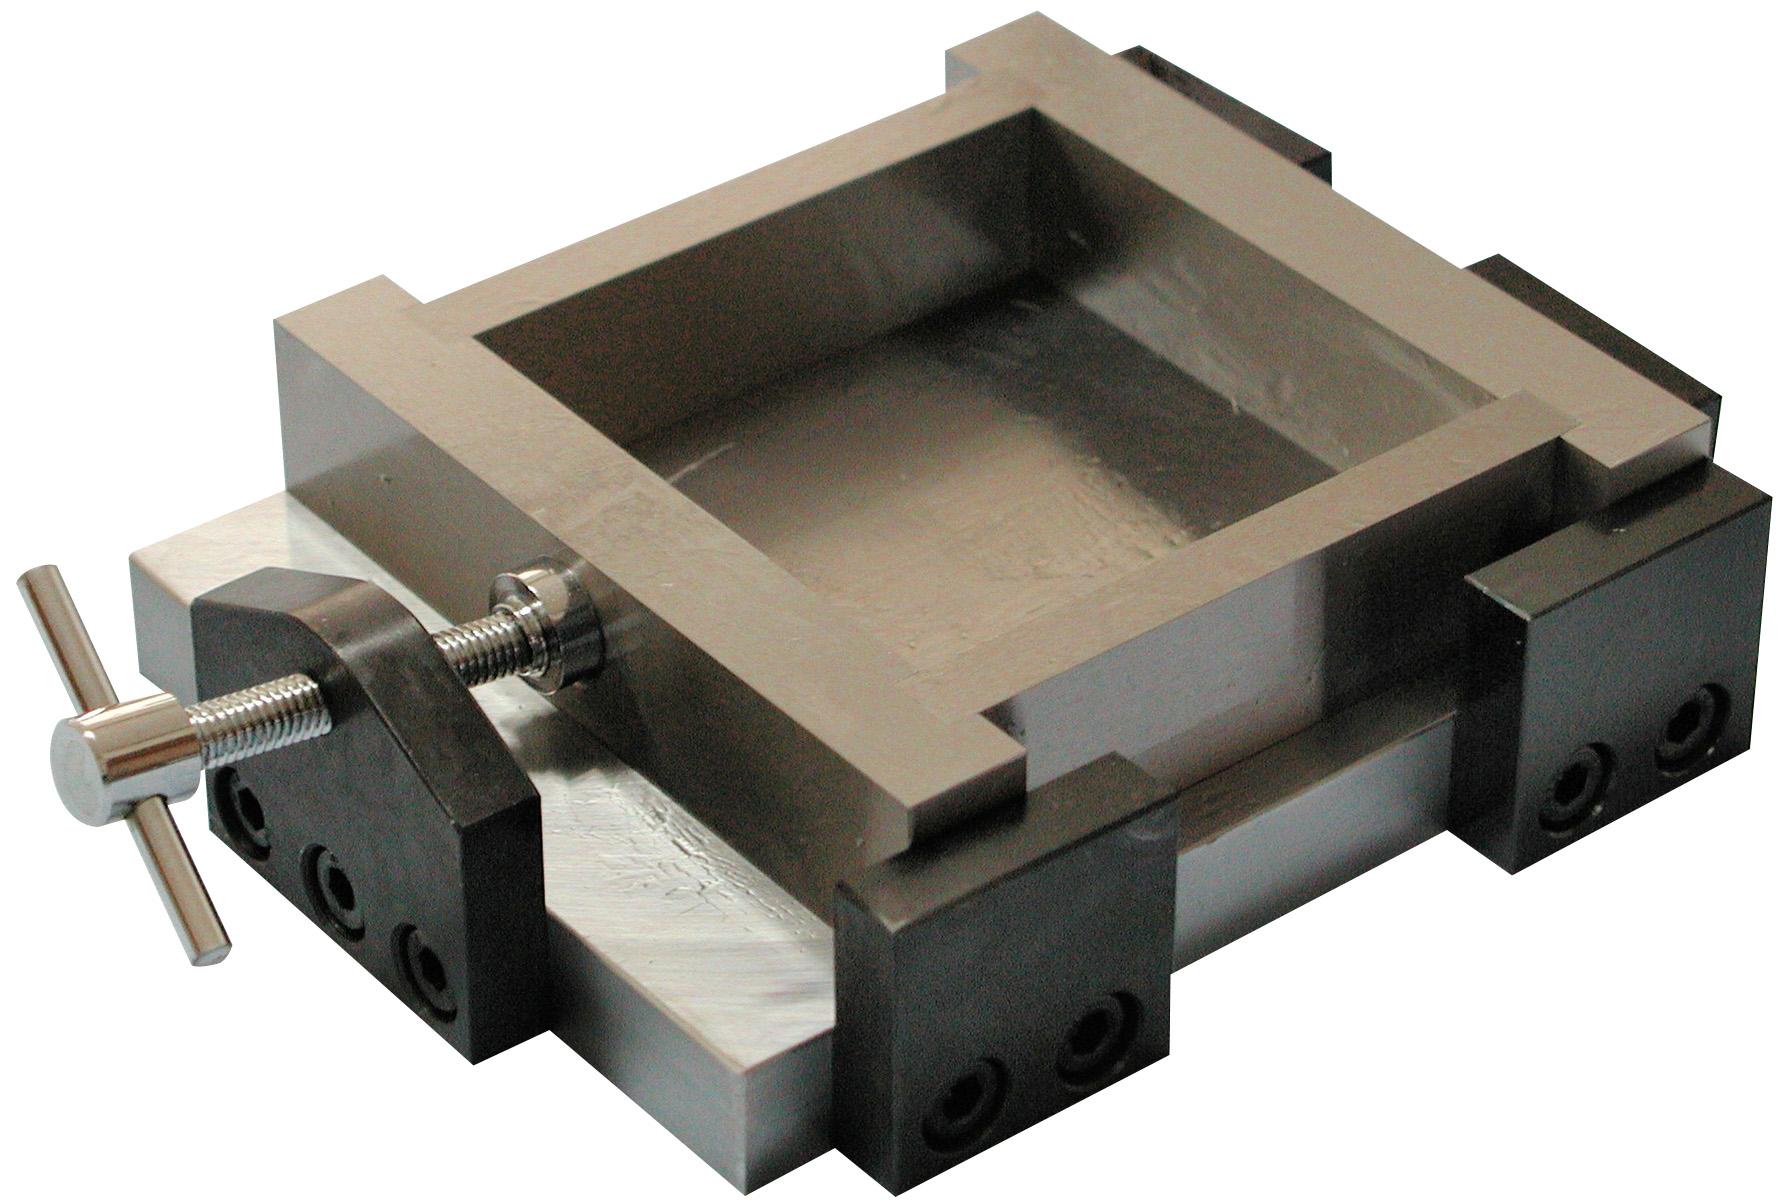 基板用型枠 70mmx70mmx20mm 鋼製